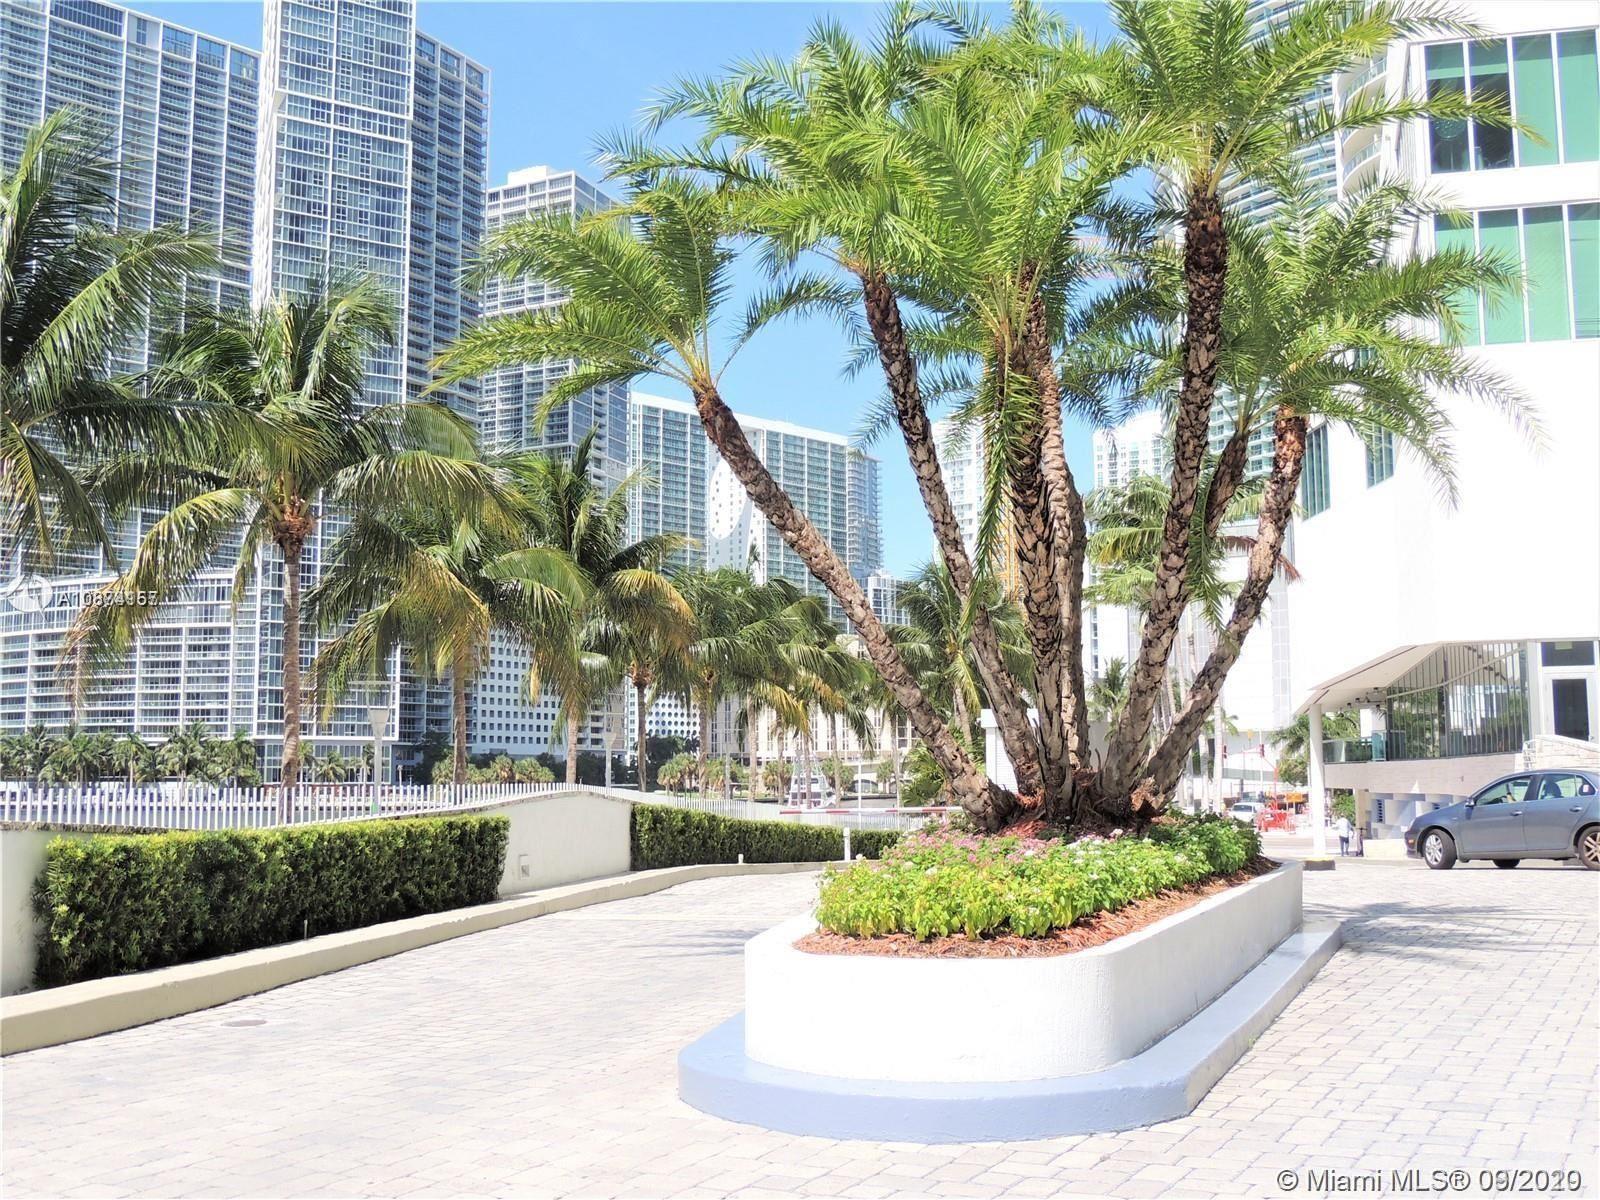 325 S Biscayne Blvd #2415, Miami, FL 33131 - #: A10874157